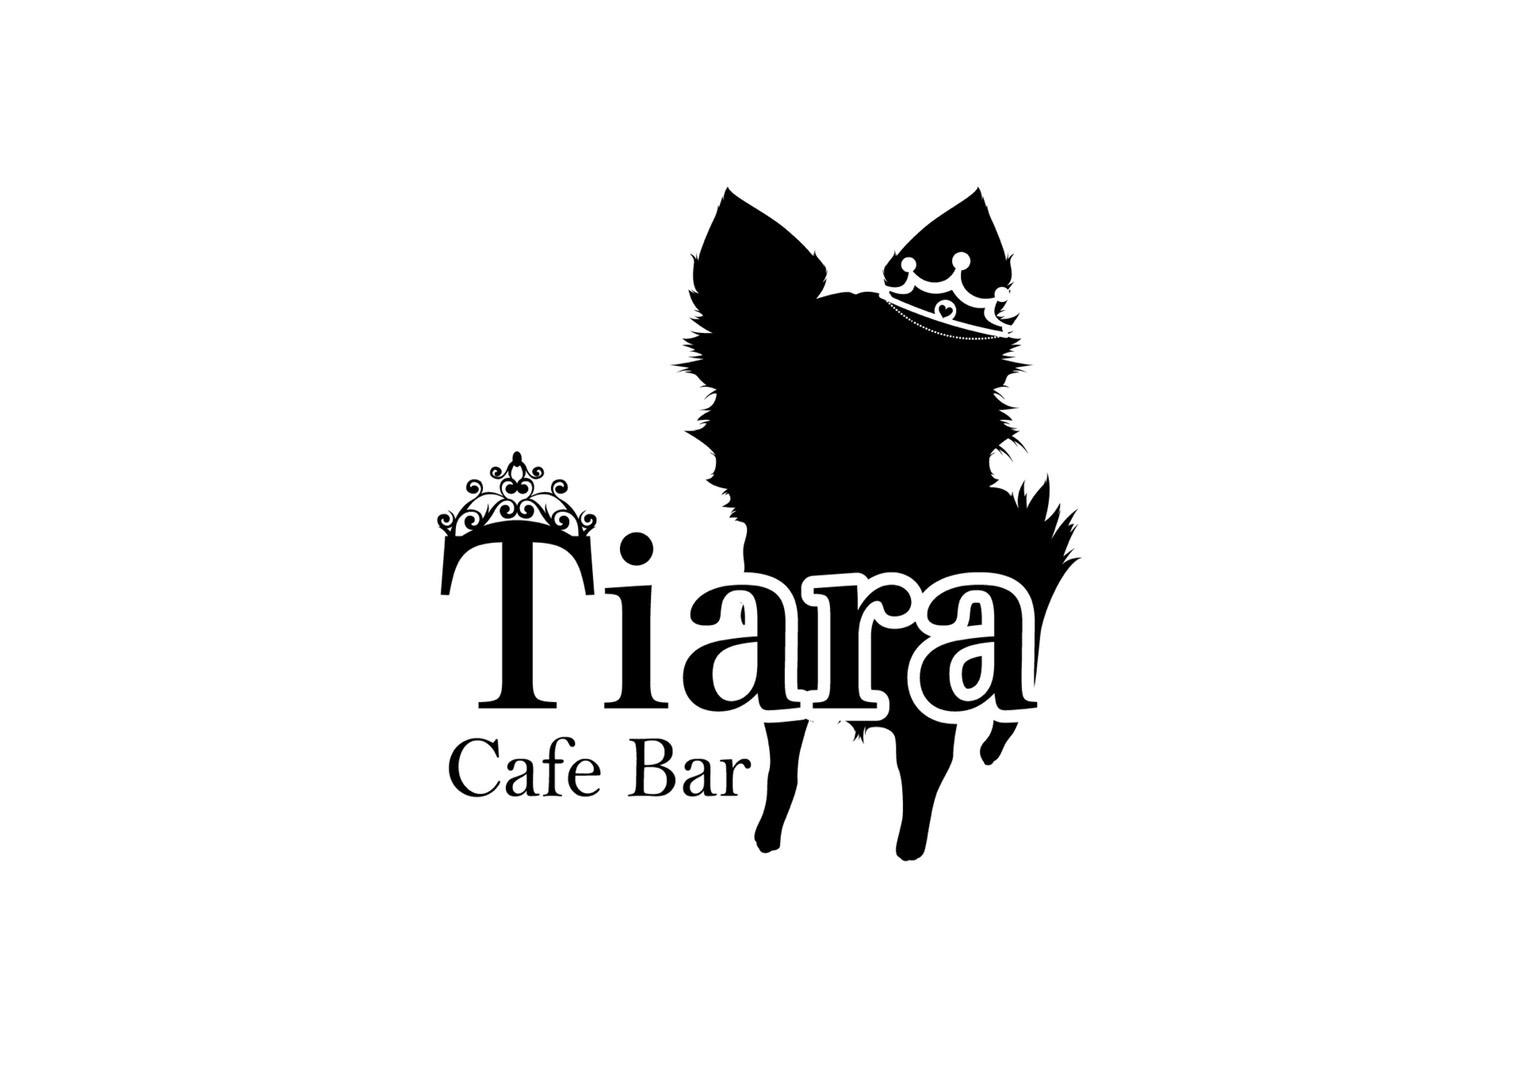 ロゴ 大分県宇佐市 CafeBar Tiara カフェバルティアラ